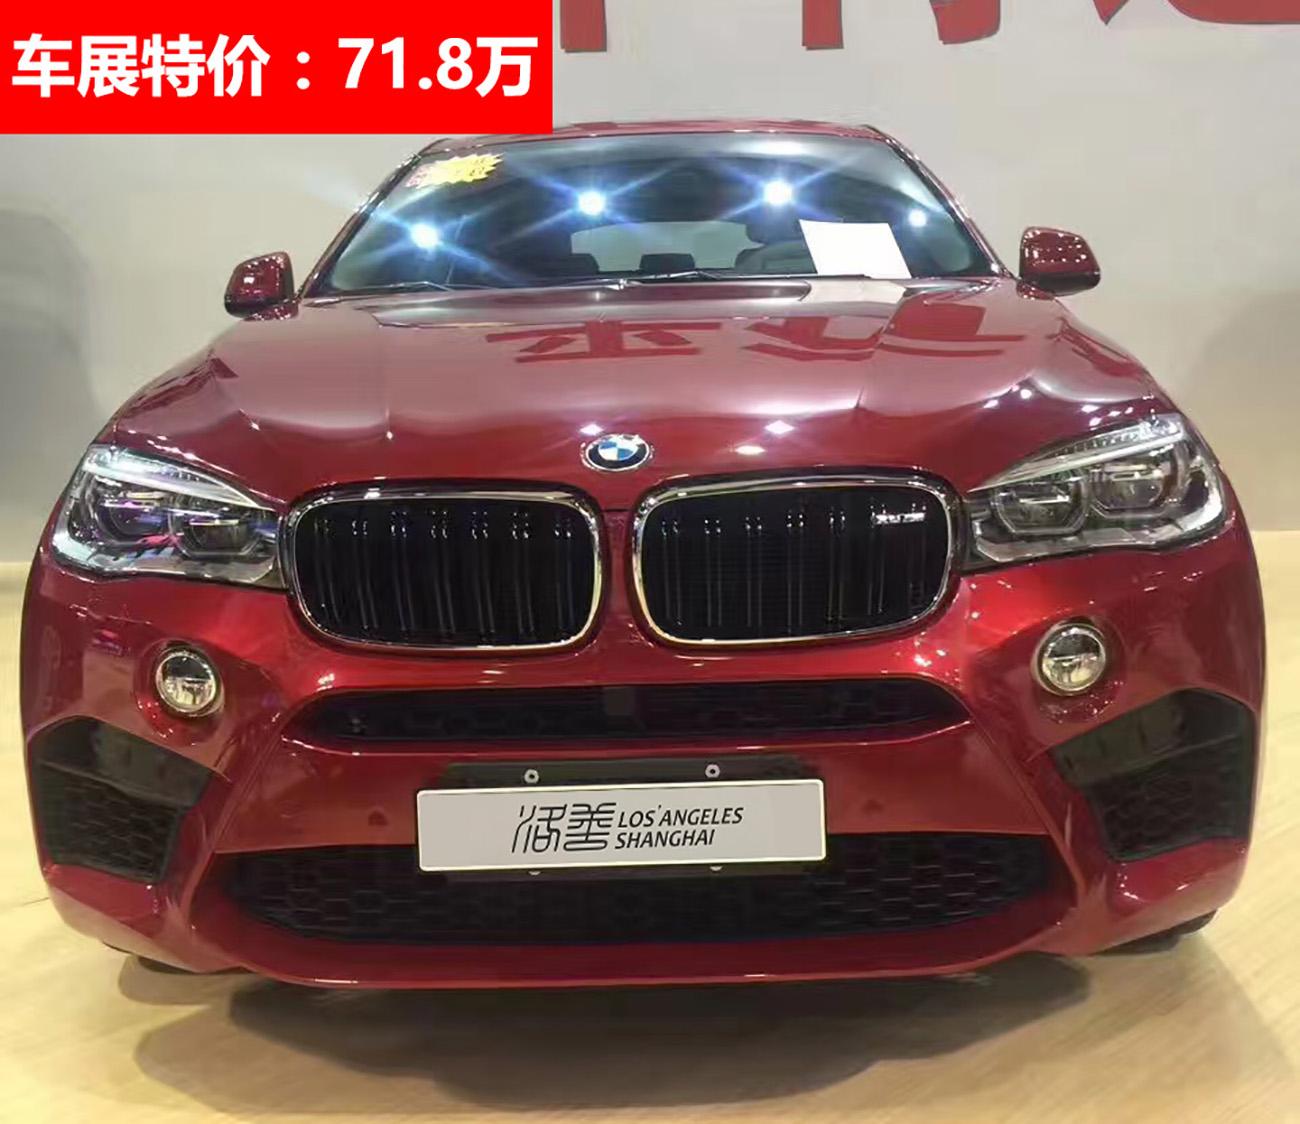 2017上海国际车展,特价车型倾情推出!